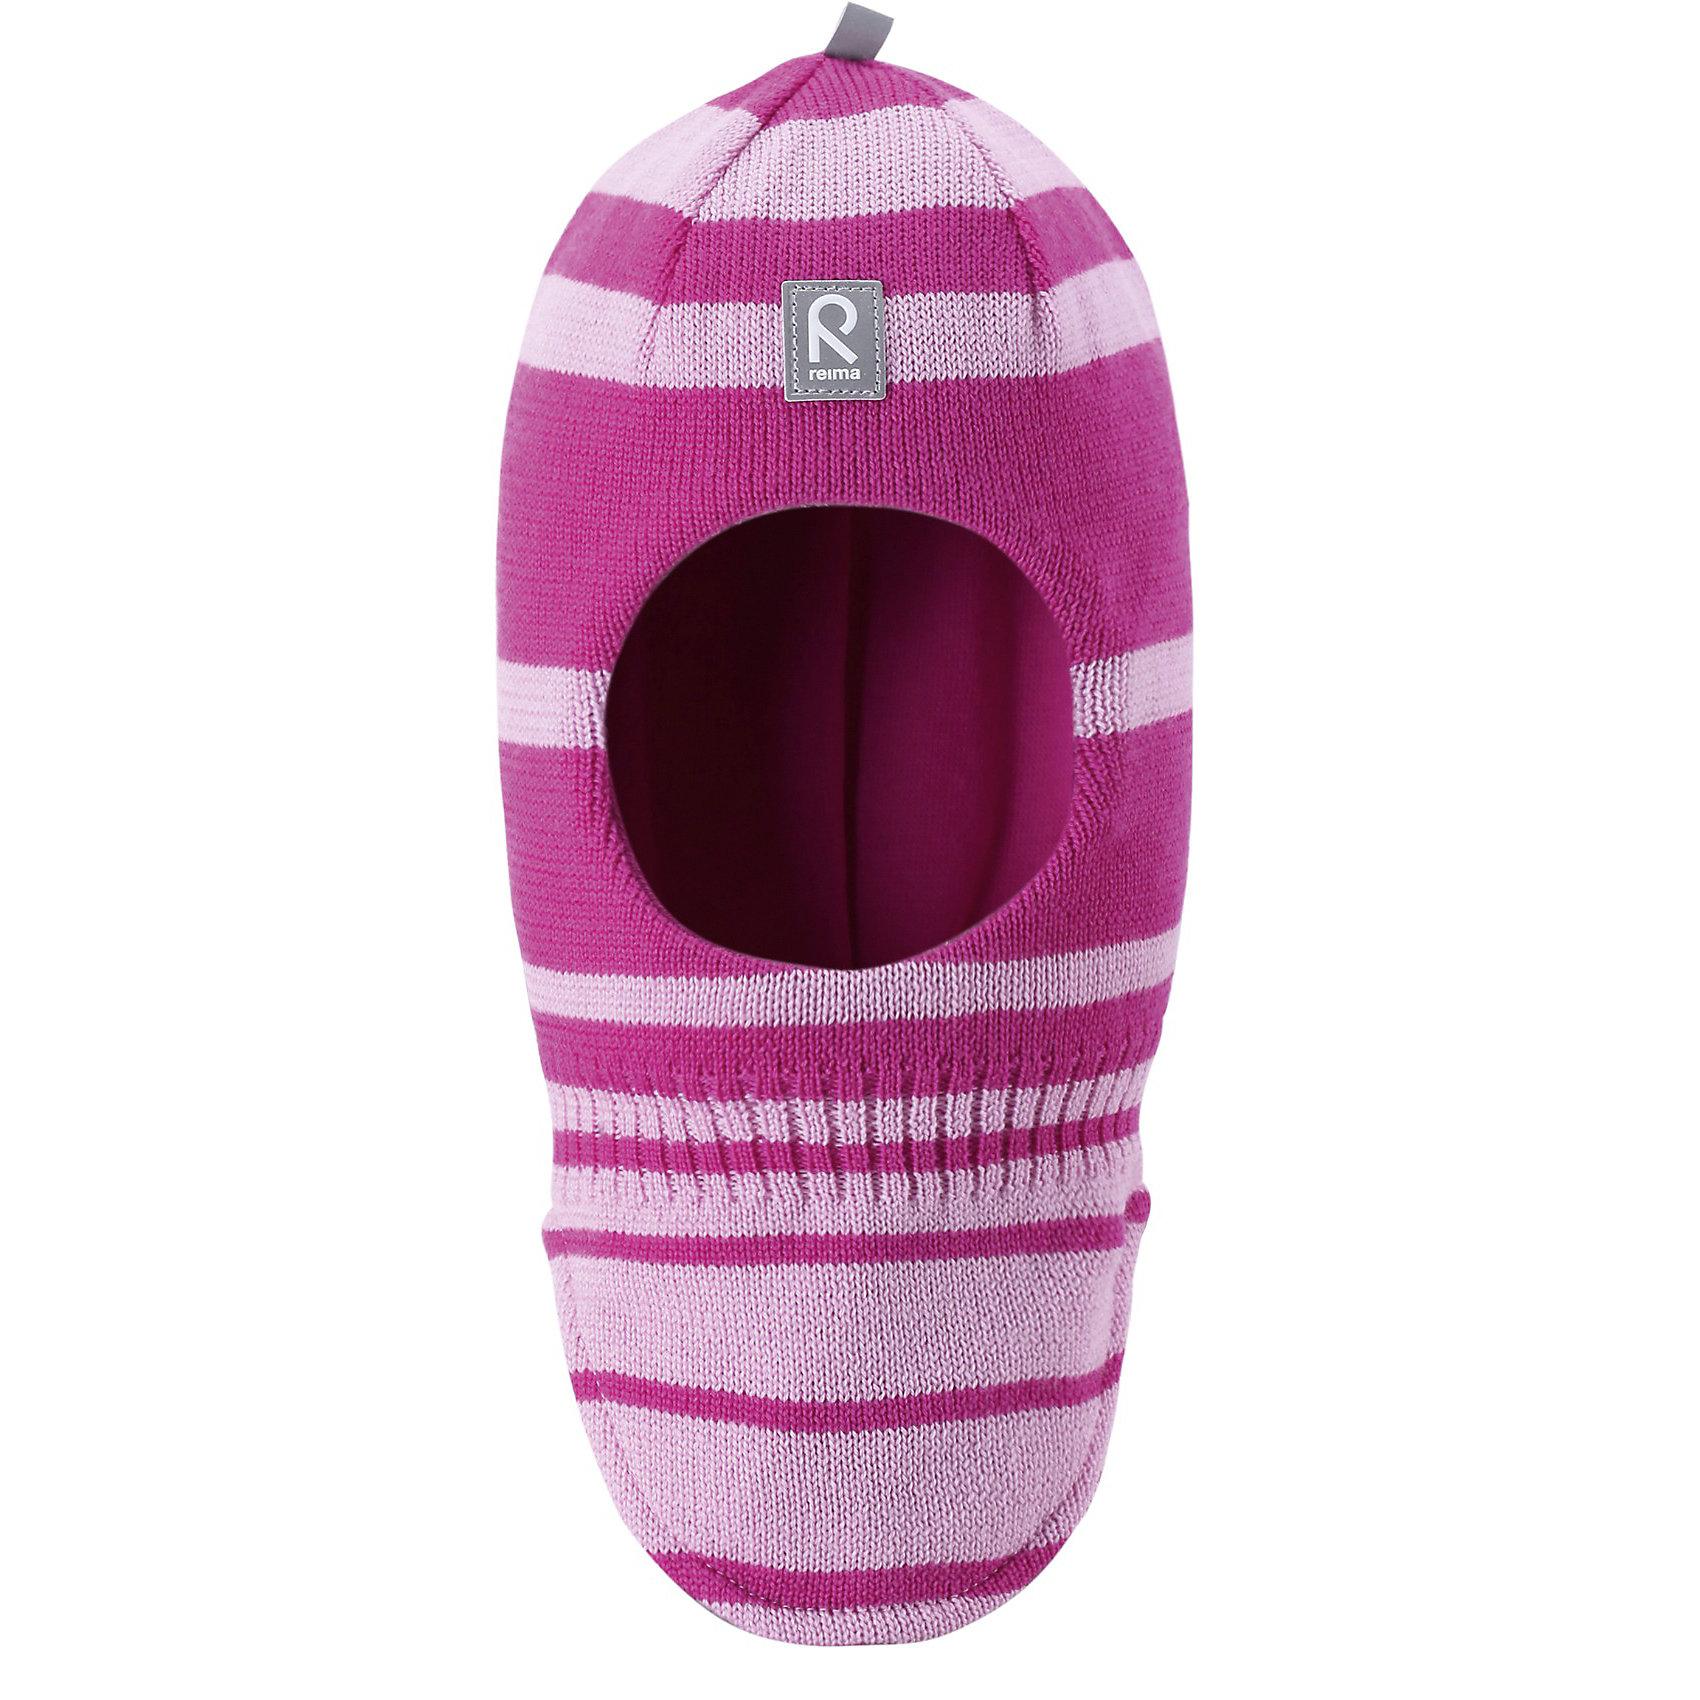 Шапка-шлем для девочки ReimaЭта классическая Шапка-шлем защищает лоб, щеки и шею от ветра. Легко сочетается с различными комплектами.<br>Состав: 100% Шерсть<br>Полная подкладка 97% хлопок, 3% эластан<br><br>Шапку-шлем для девочки Reima (Рейма) можно купить в нашем магазине.<br><br>Ширина мм: 89<br>Глубина мм: 117<br>Высота мм: 44<br>Вес г: 155<br>Цвет: разноцветный<br>Возраст от месяцев: 12<br>Возраст до месяцев: 18<br>Пол: Женский<br>Возраст: Детский<br>Размер: 48,46,50,54,52<br>SKU: 3748473